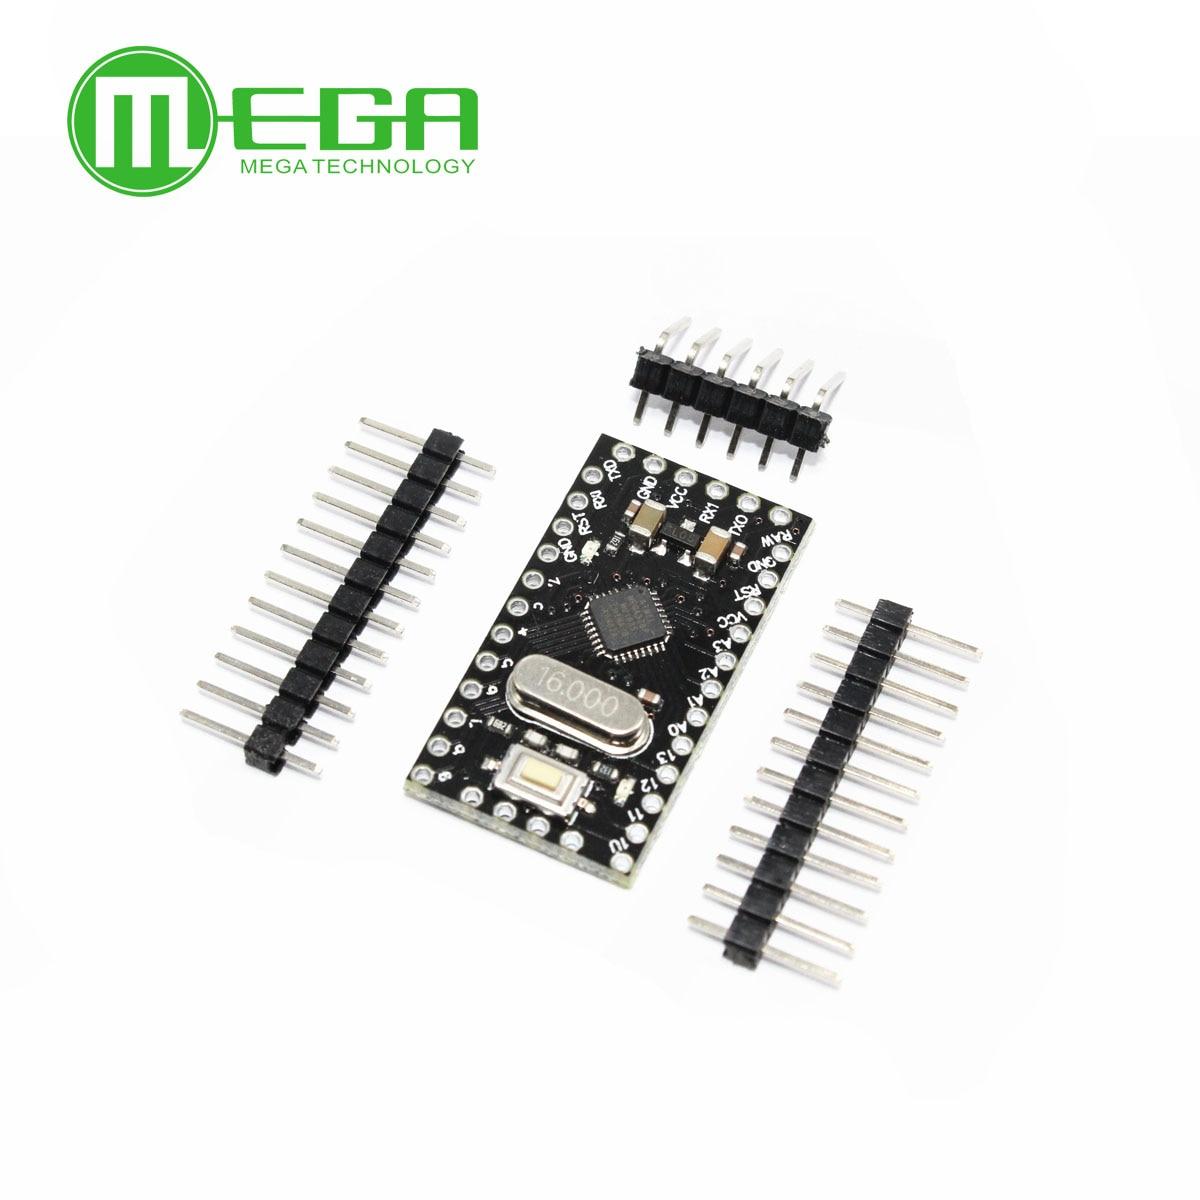 10 قطعة/الوحدة الأصلي برو Mini 328 Mini ATMEGA328 5 فولت/16 ميجا هرتز Atmega168 5 فولت/16 ميجا هرتز